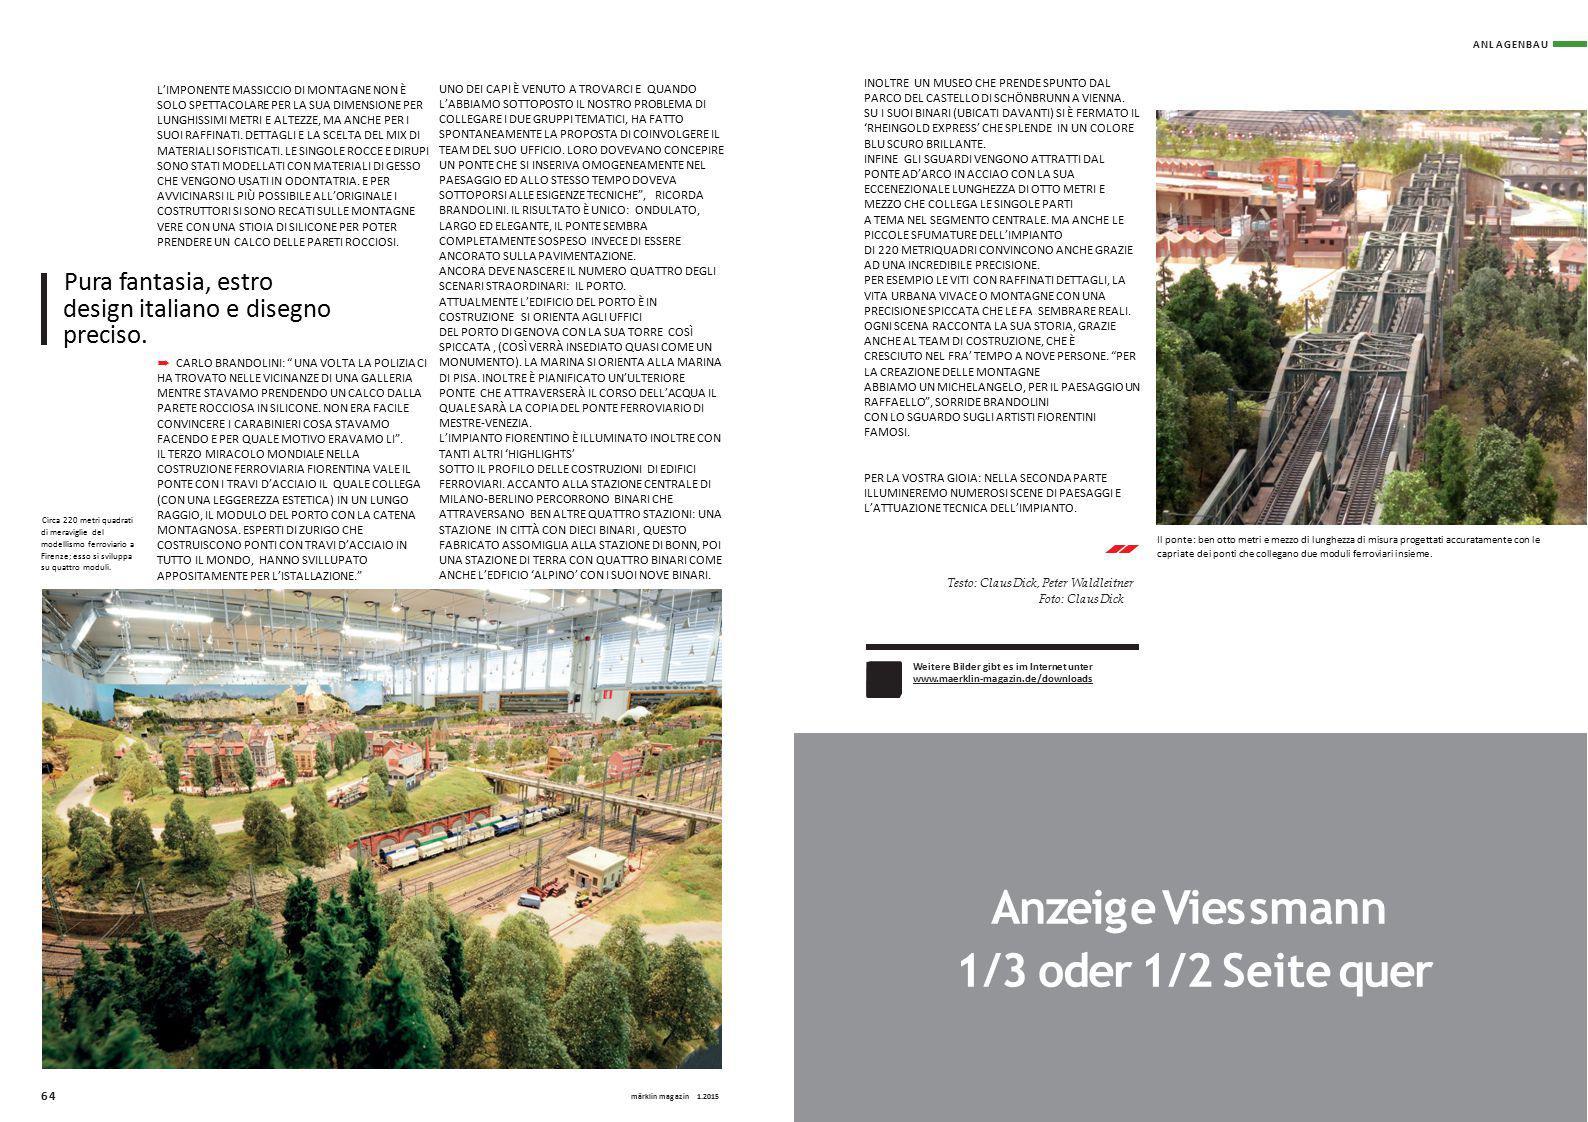 ANL AGENBAU Weitere Bilder gibt es im Internet unter www.maerklin-magazin.de/downloads www.maerklin-magazin.de/downloads L'IMPONENTE MASSICCIO DI MONT